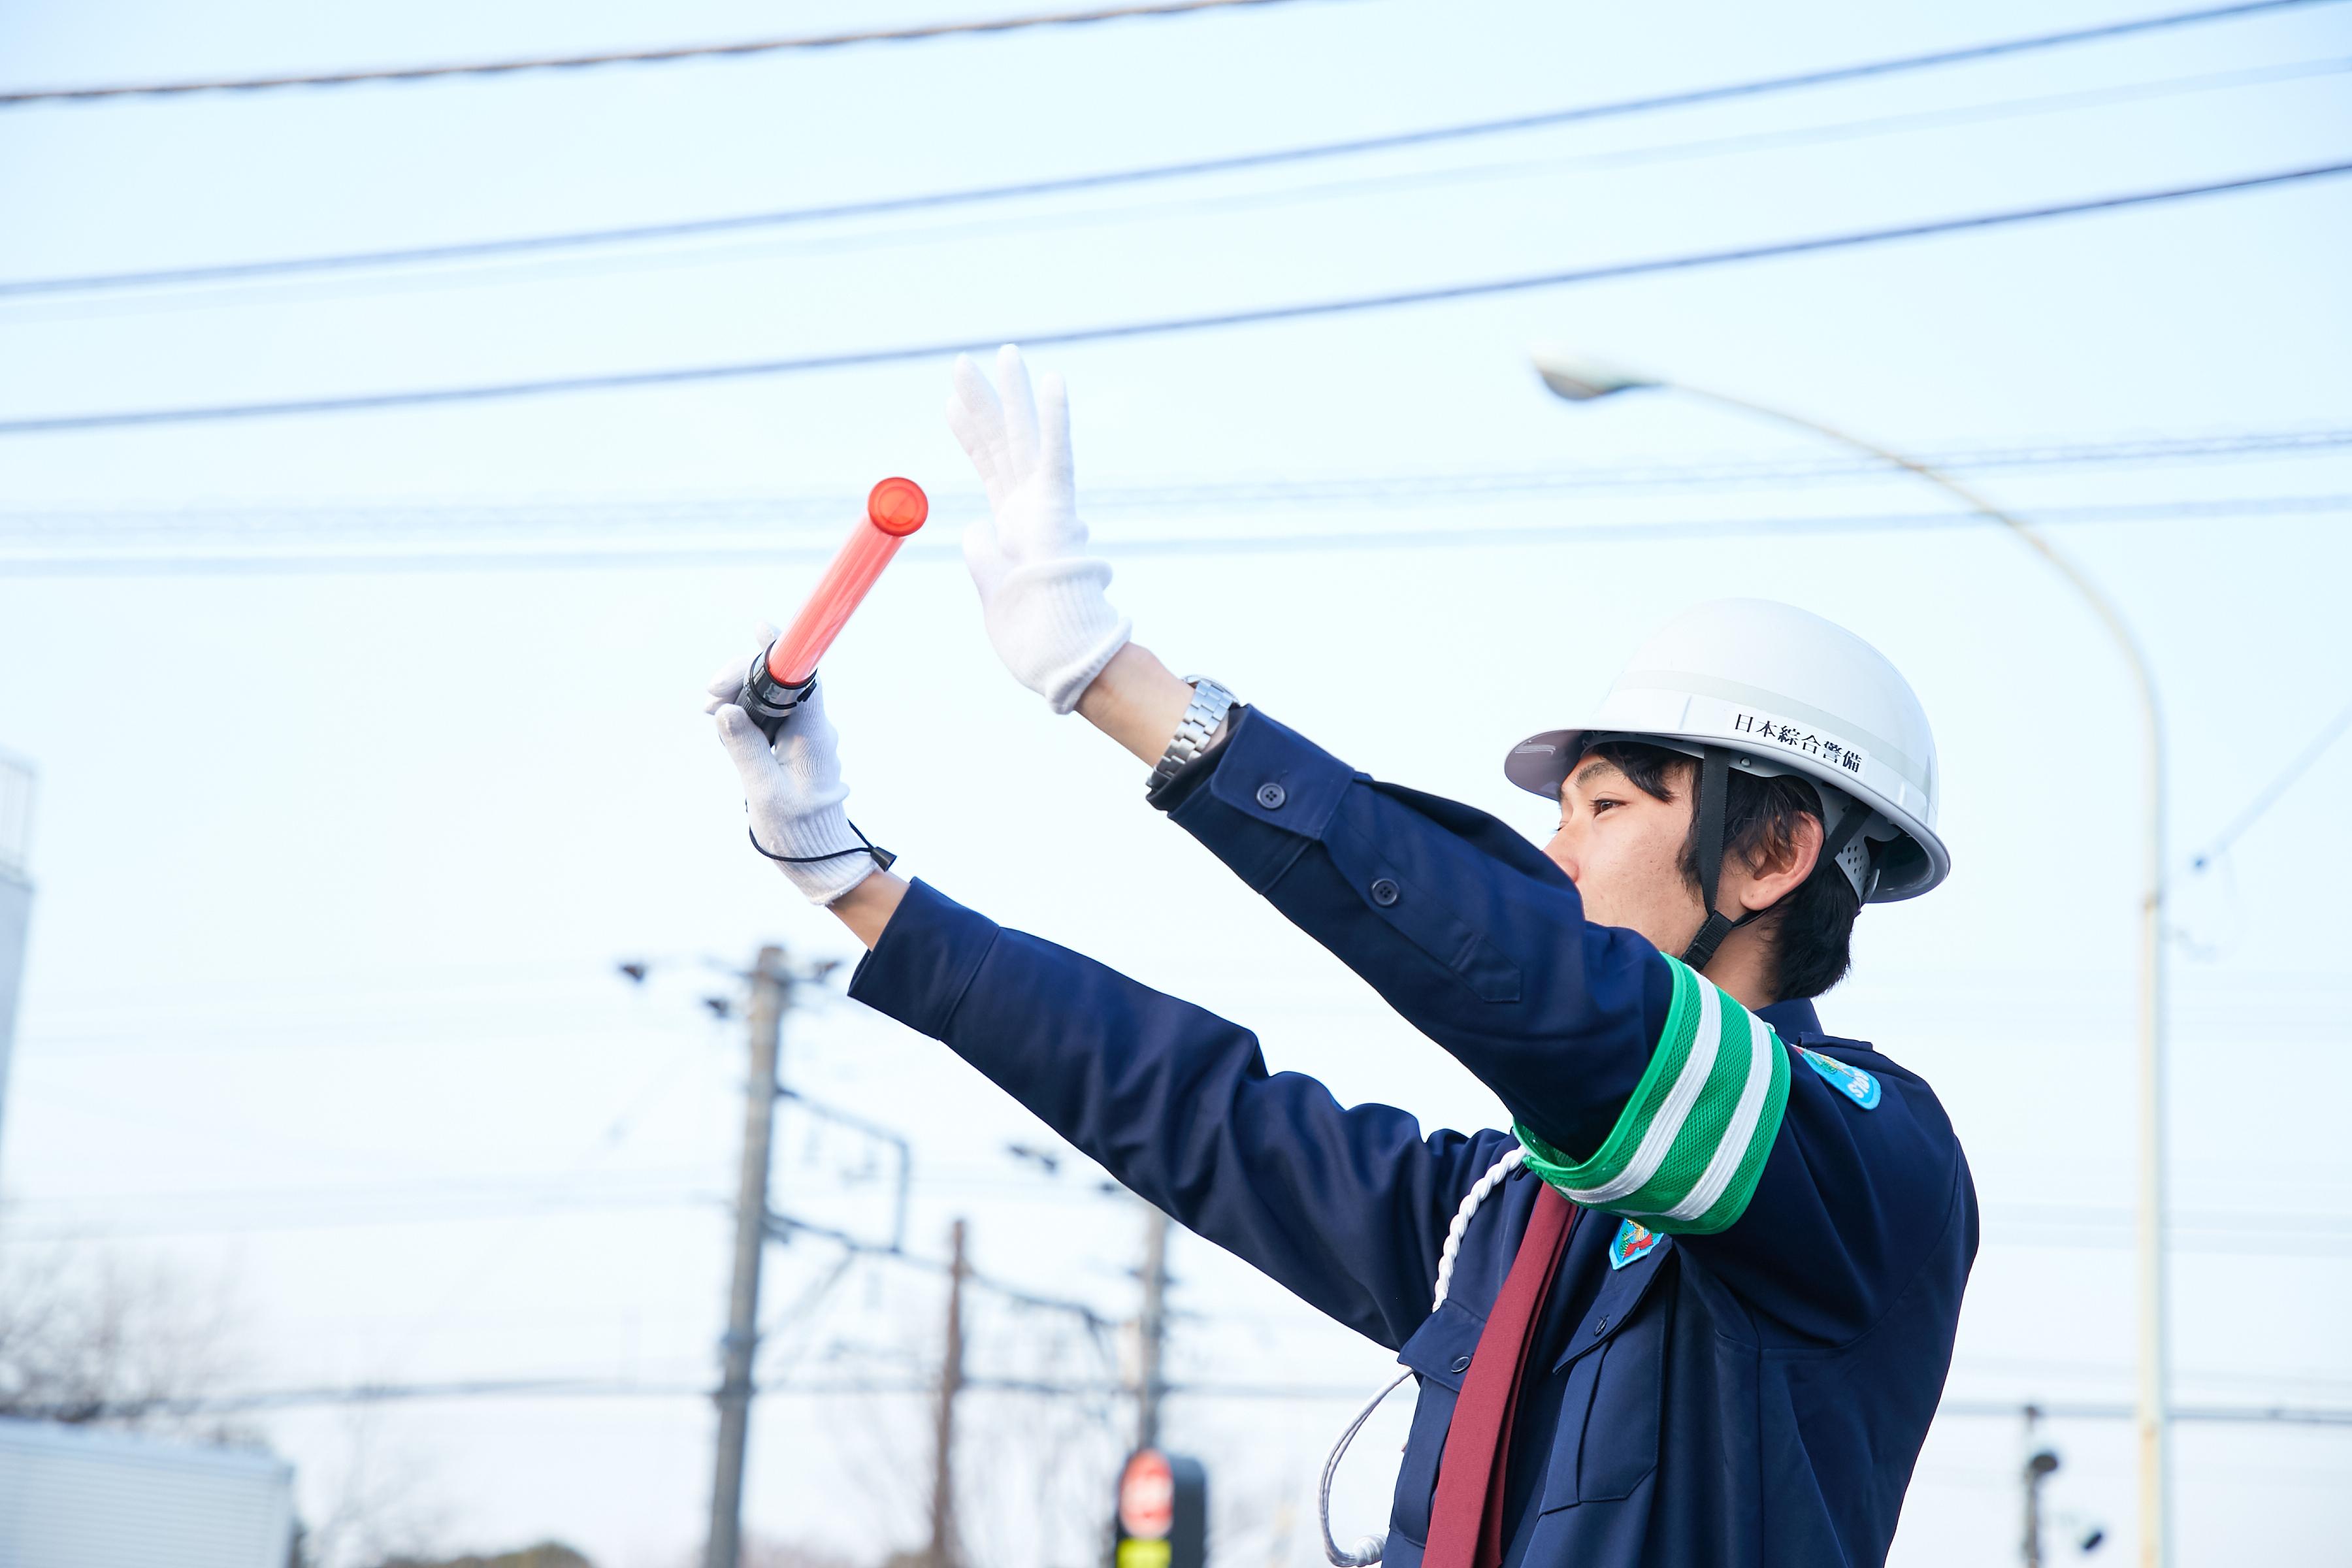 交通誘導警備(正社員、即日入社可能、新宿区・新宿駅) ギャラリー